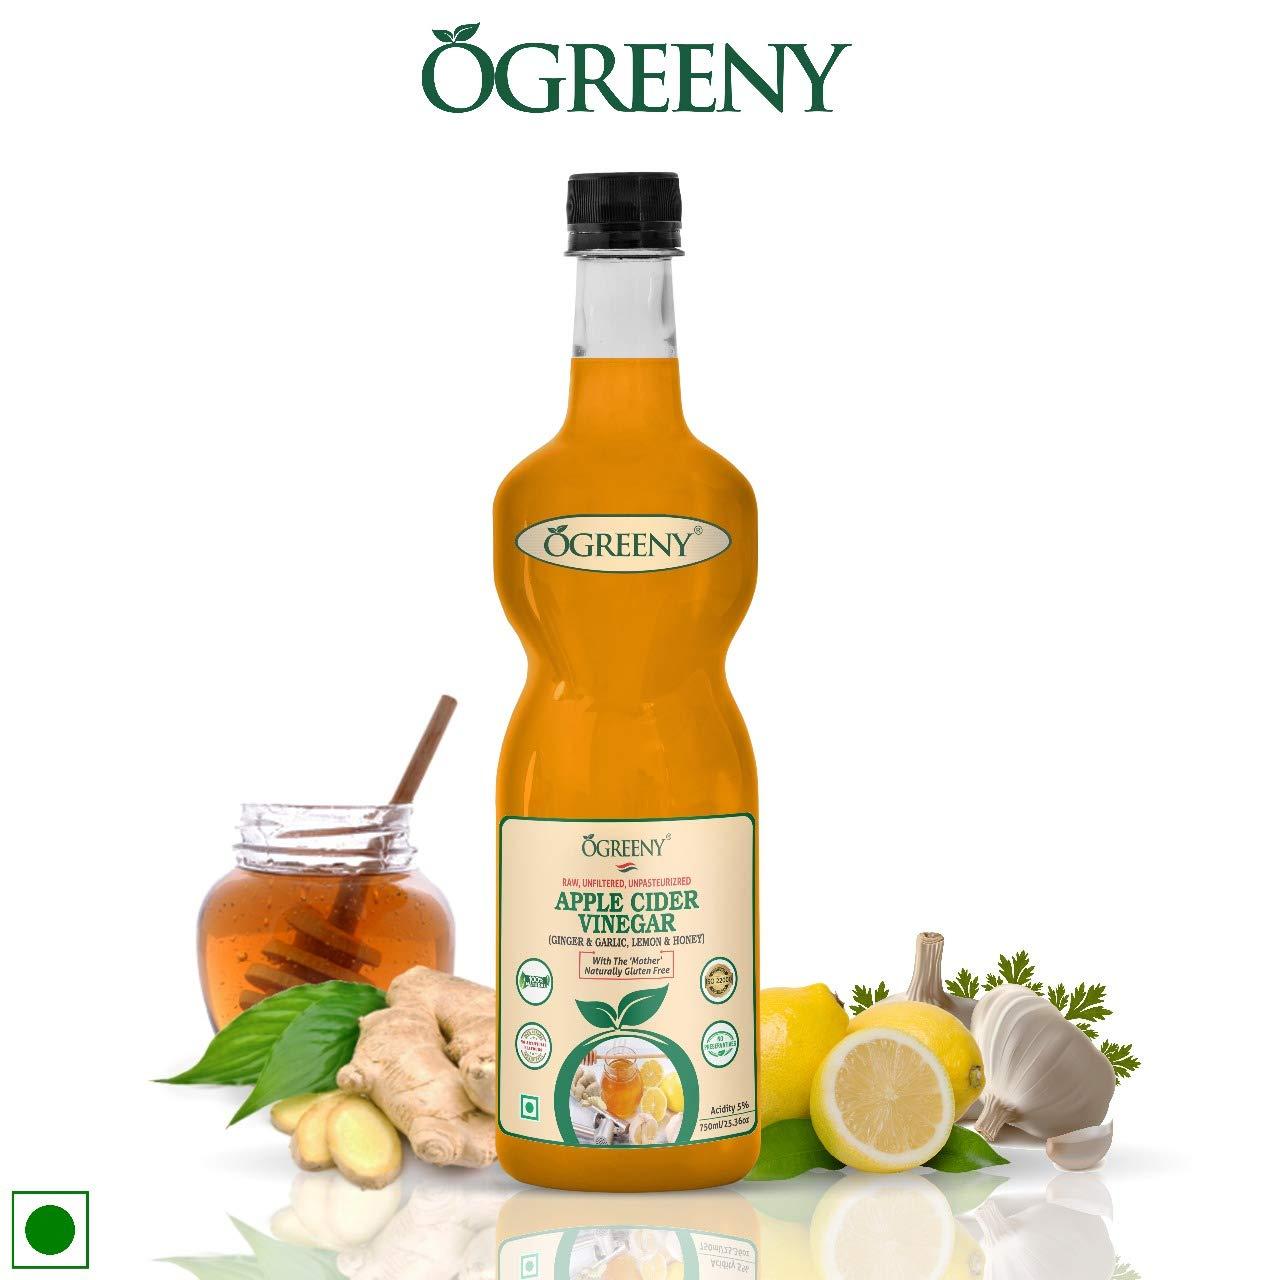 Ogreeny Apple Cider Vinegar Garlic Ginger Lemon And Honey